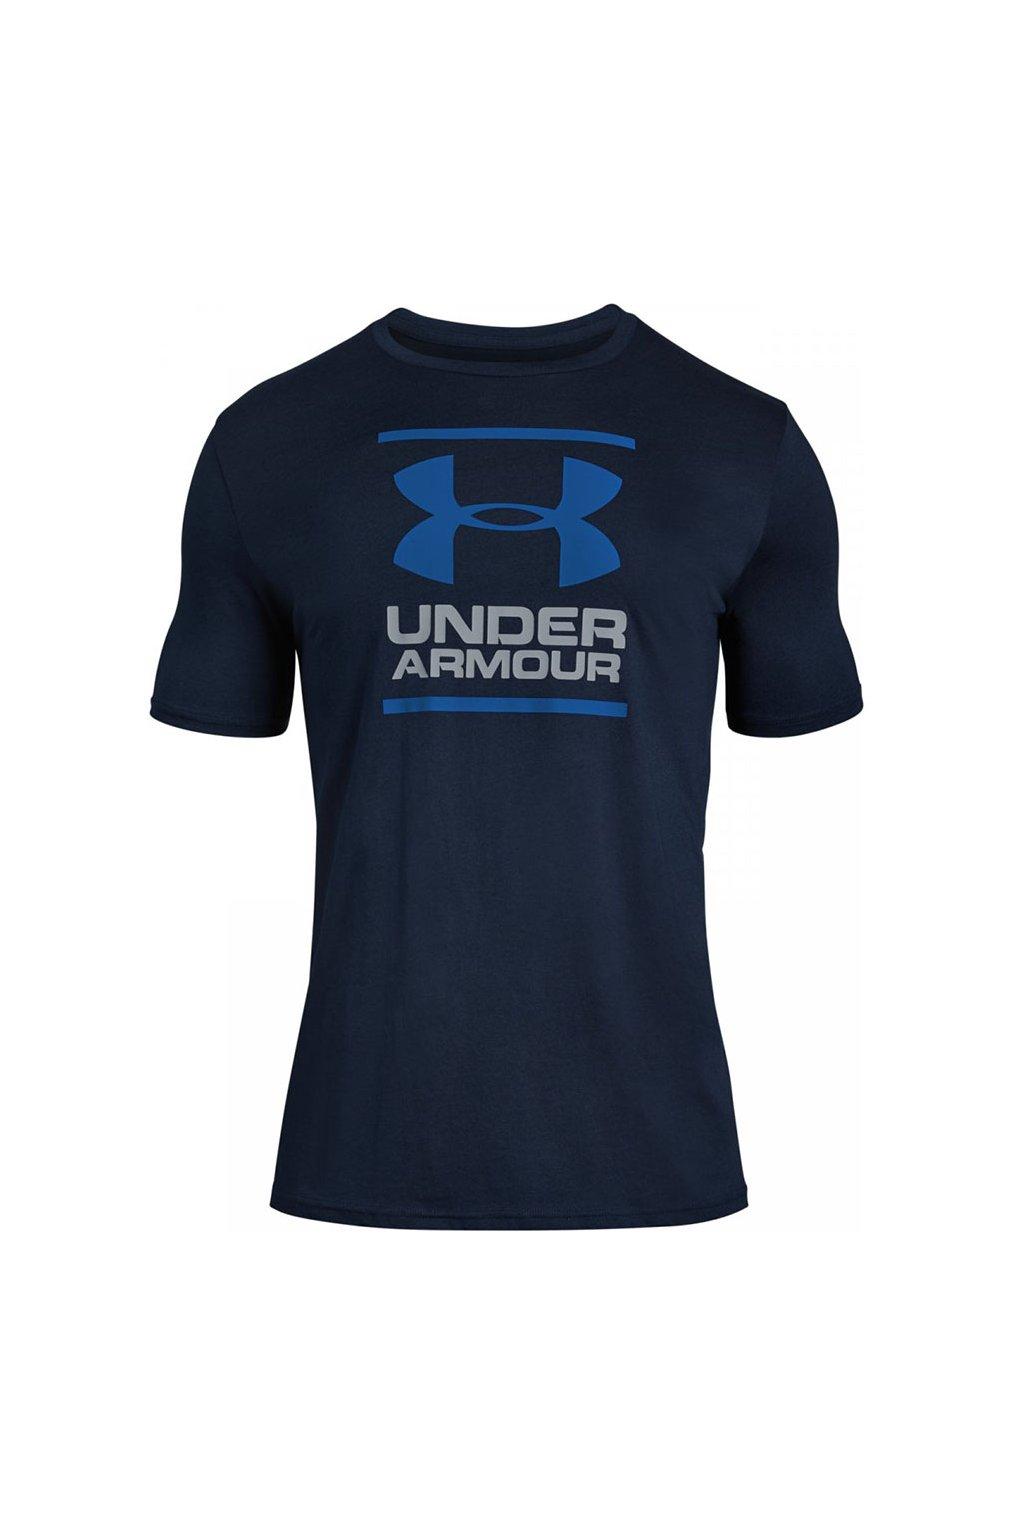 Pánske tričko Under Armour GL Foundation SS T  námornícka modrá 1326849 408